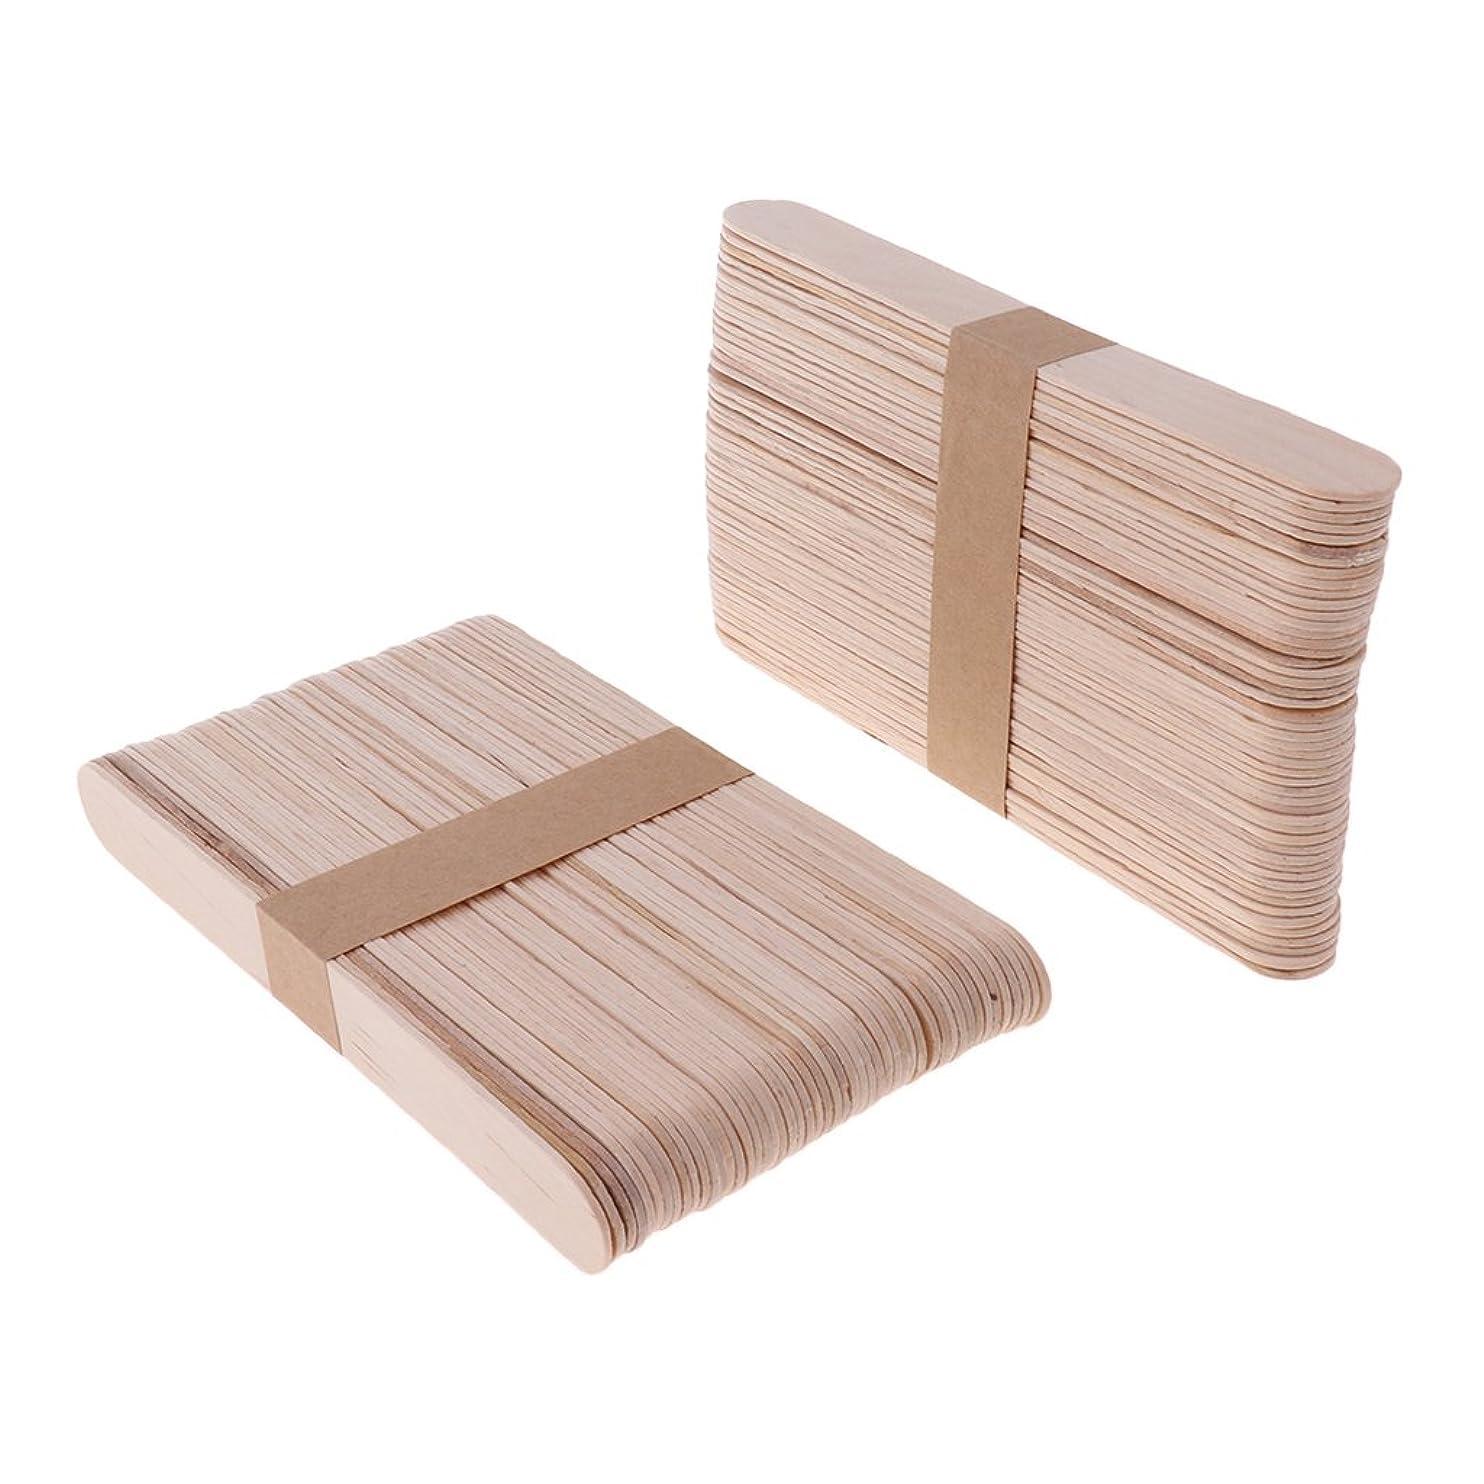 コーラスボルトバースト木材スティック 脱毛 ワックス用 体毛除去 ウッド ワックススパチュラ 便利 200個 2サイズ - L